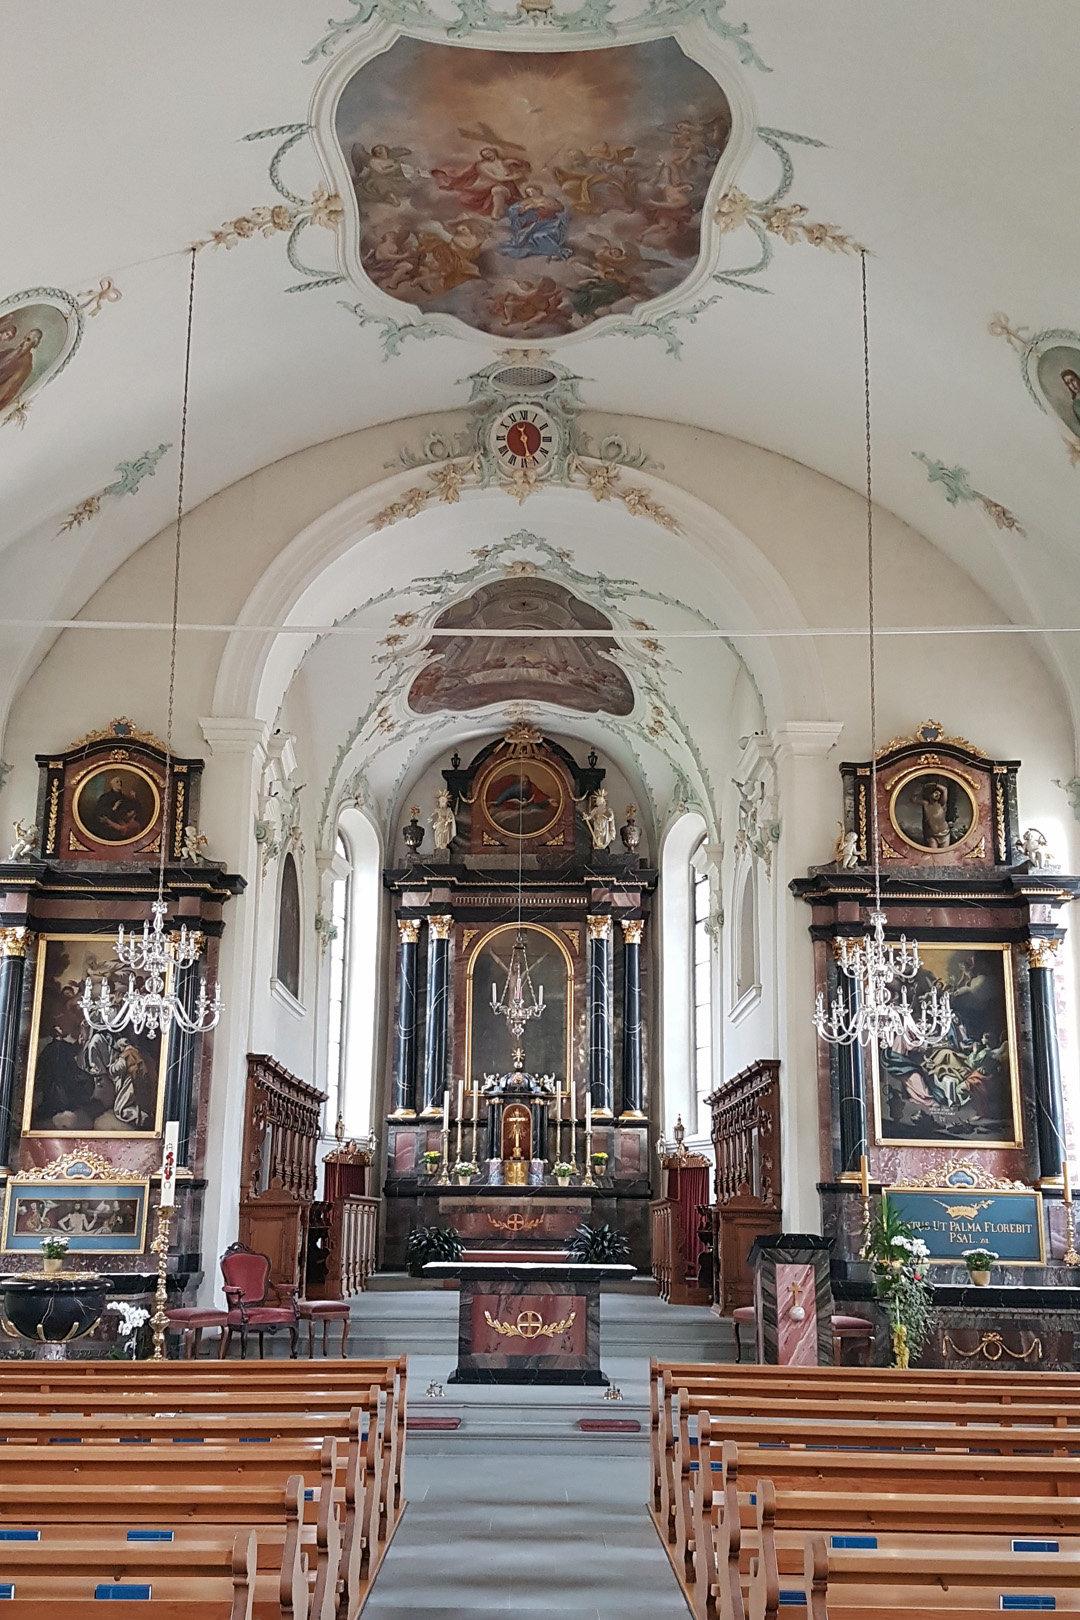 St. Leonard Parish Church